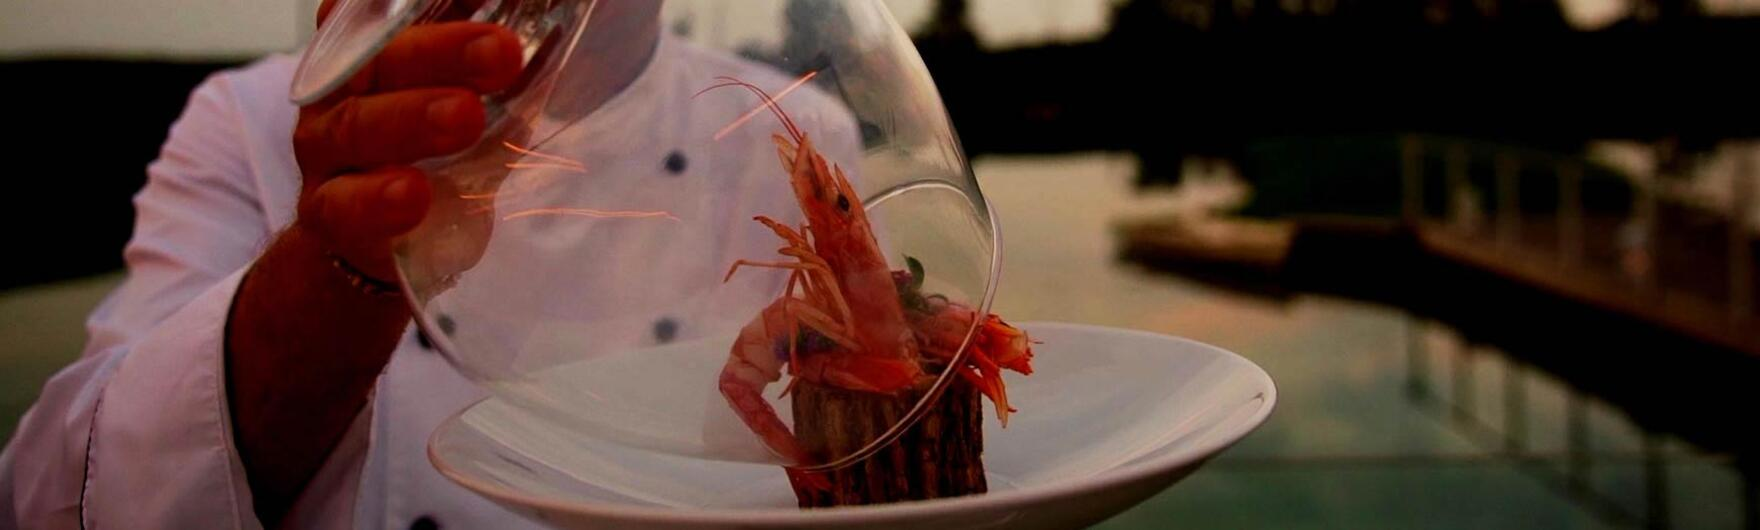 cadelfacco it ristorante-crema 011